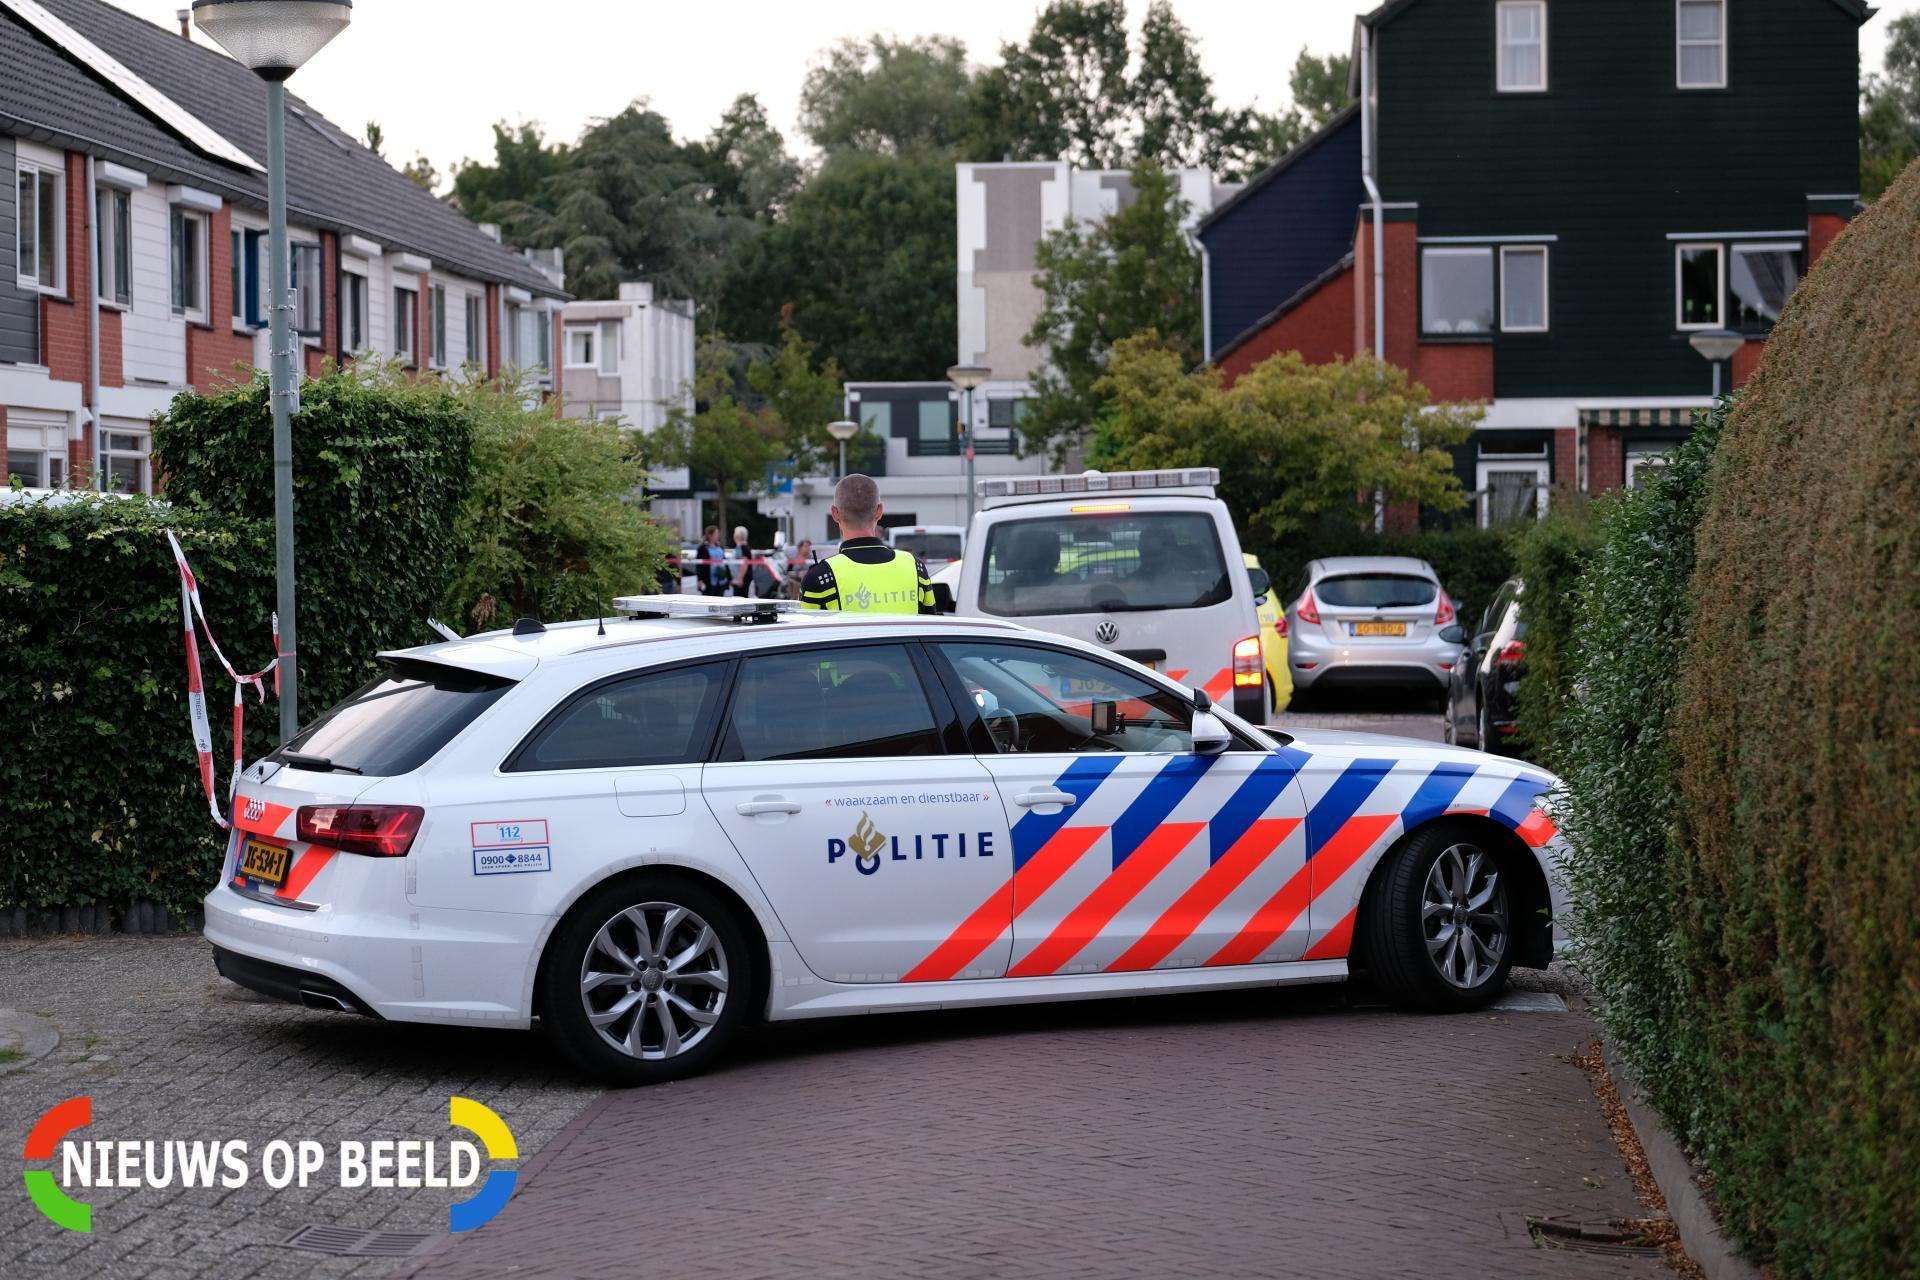 Gezinsdrama Dordrecht gepleegd met dienstwapen